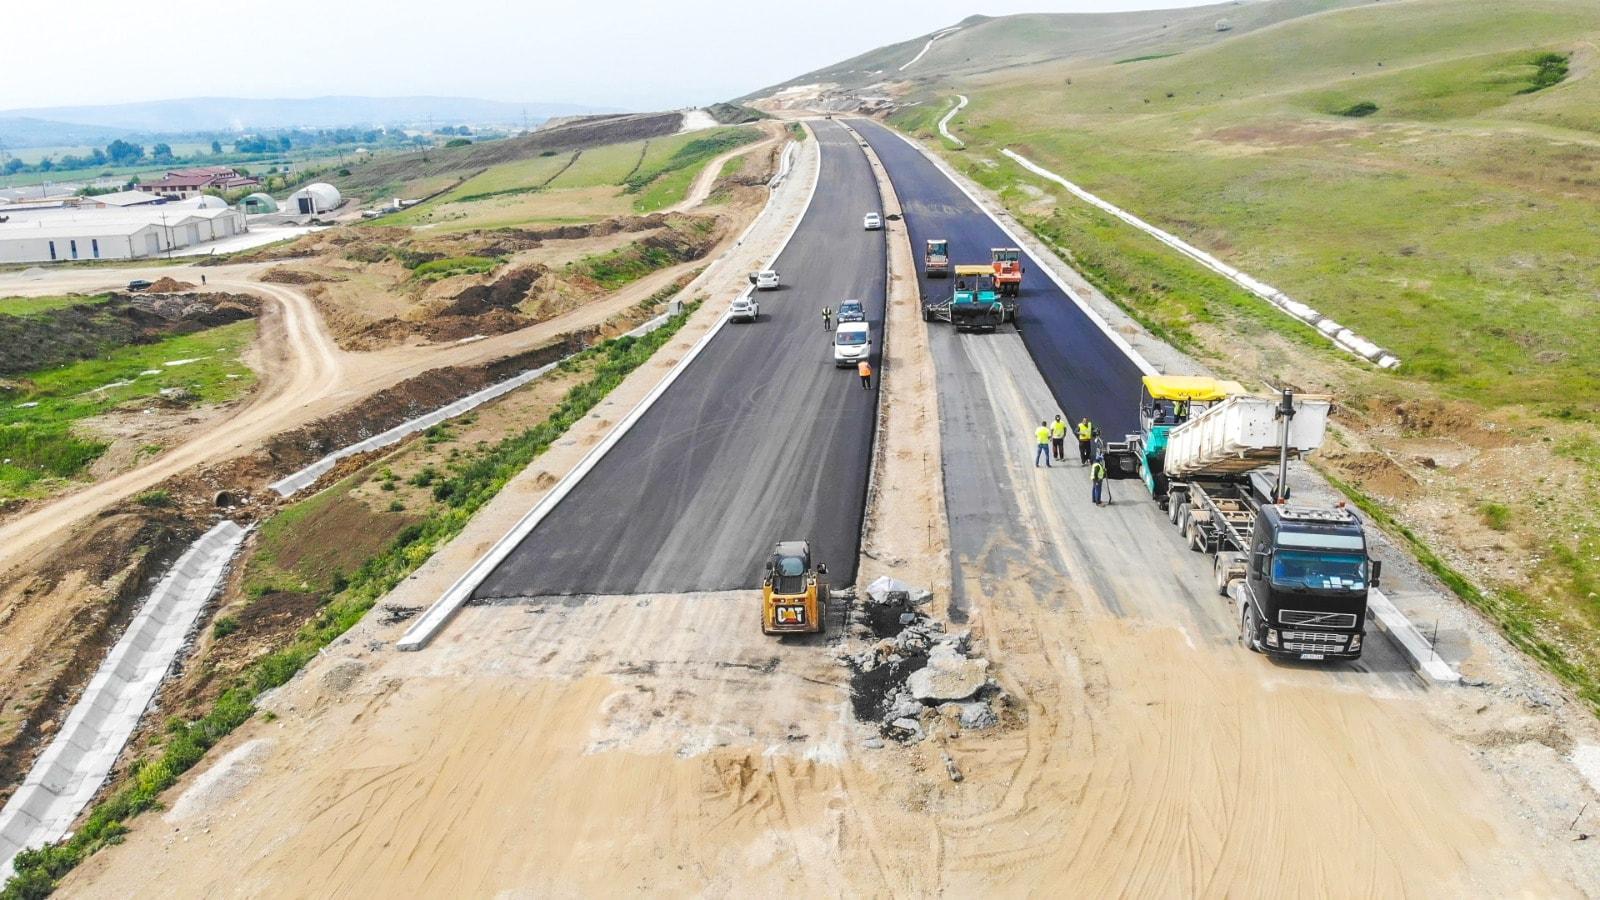 Modernizarea infrastructurii rutiere şi aeriene, principala preocupare a CJ Maramureş în 2021